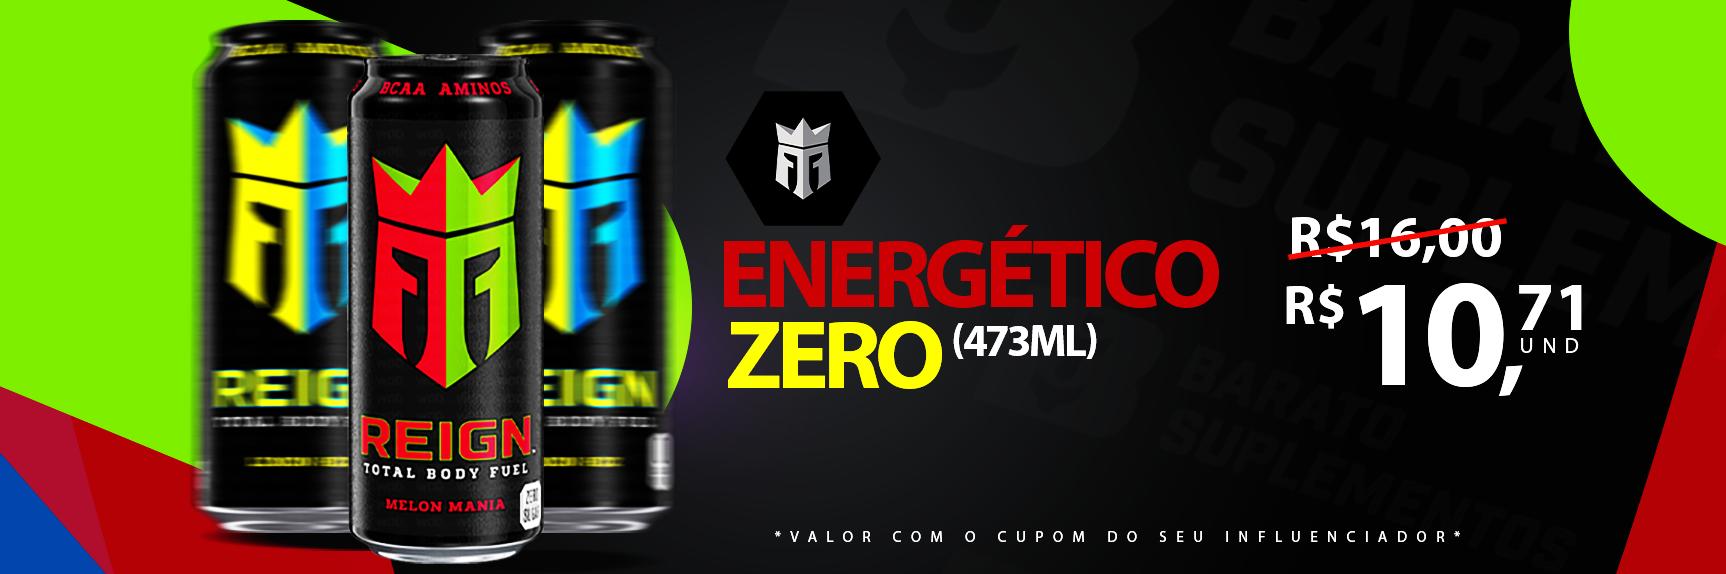 ENERGETICO ZERO REIGN